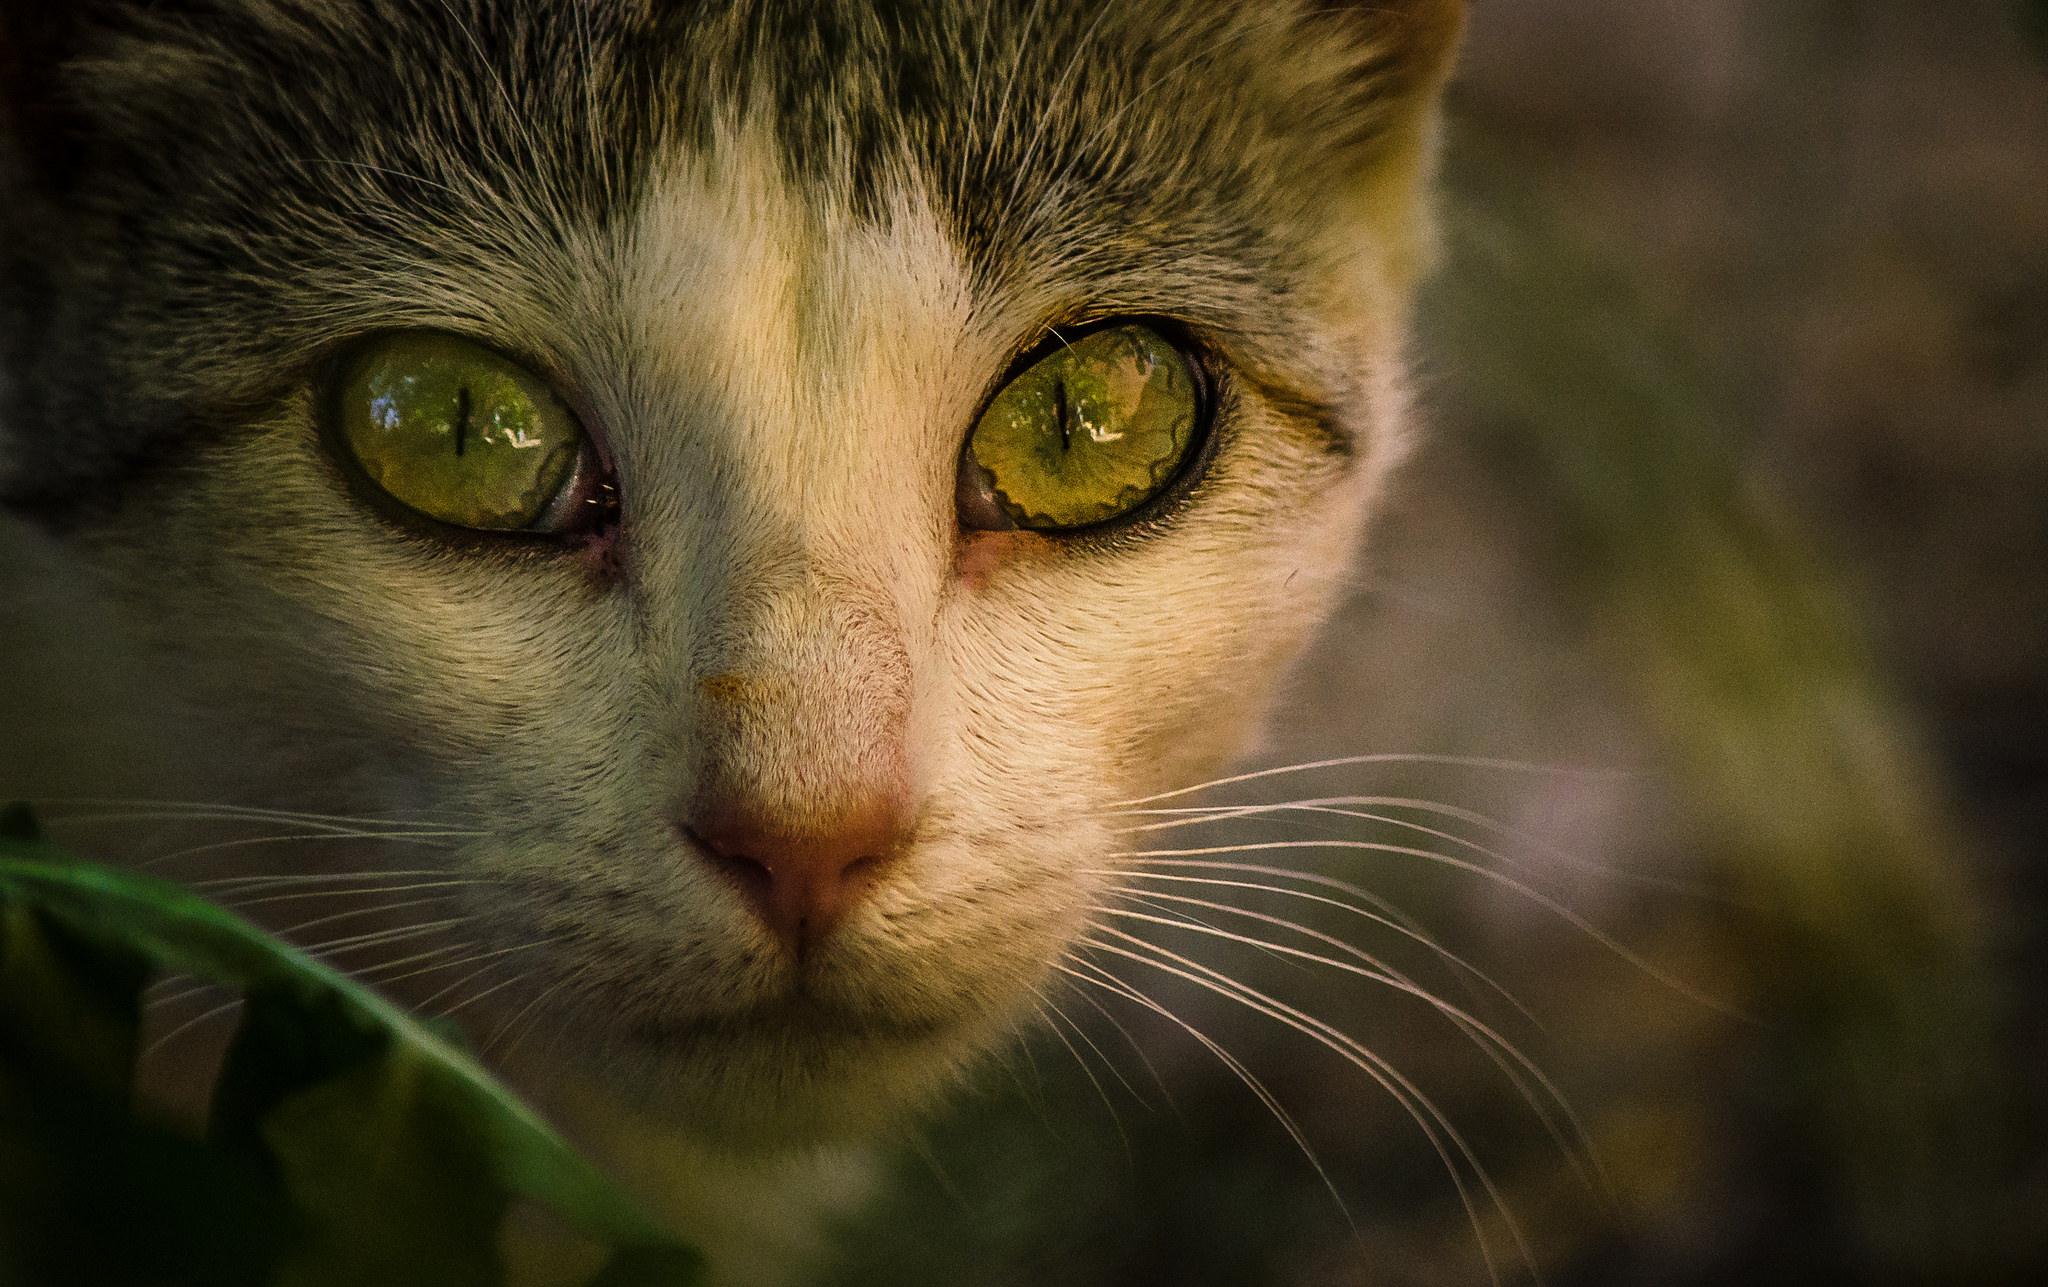 Mirada de un gato - 2048x1287